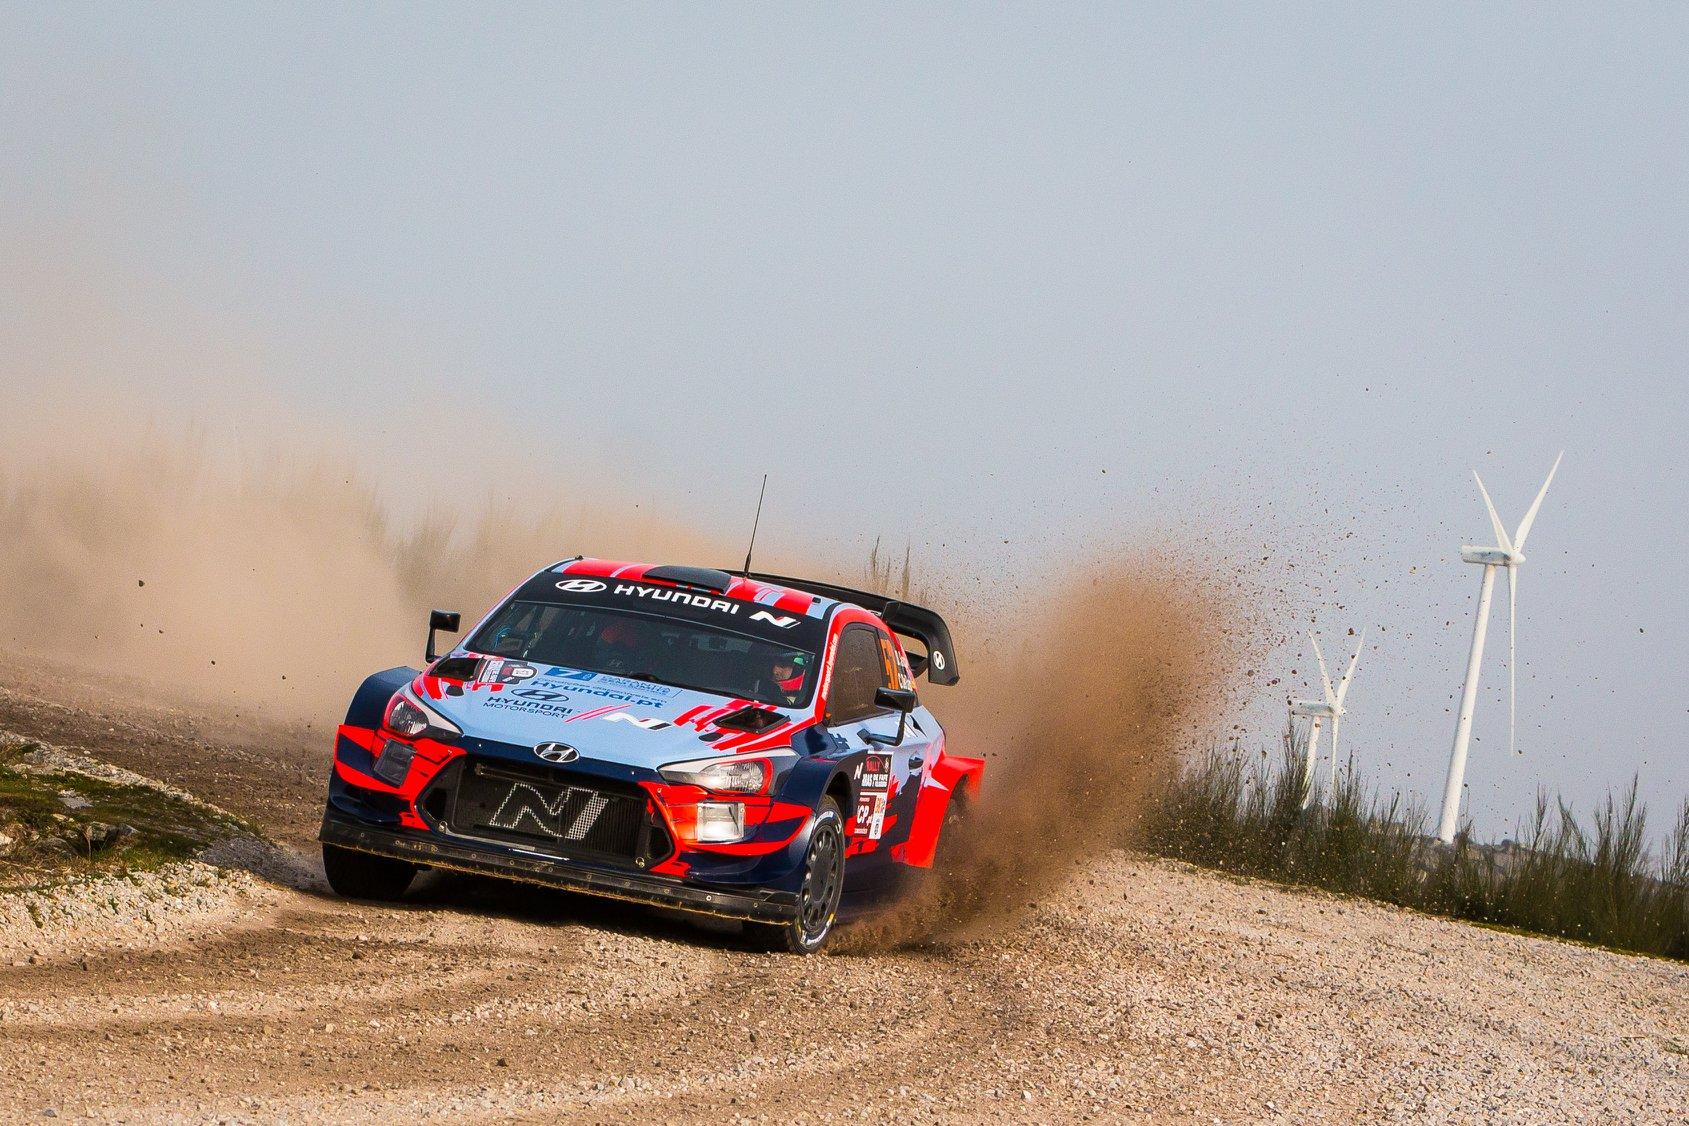 źródło: Hyundai Motorsport | Dani Sordo podczas Rally Serras de Fafe, który miał przygotować go do Meksyku